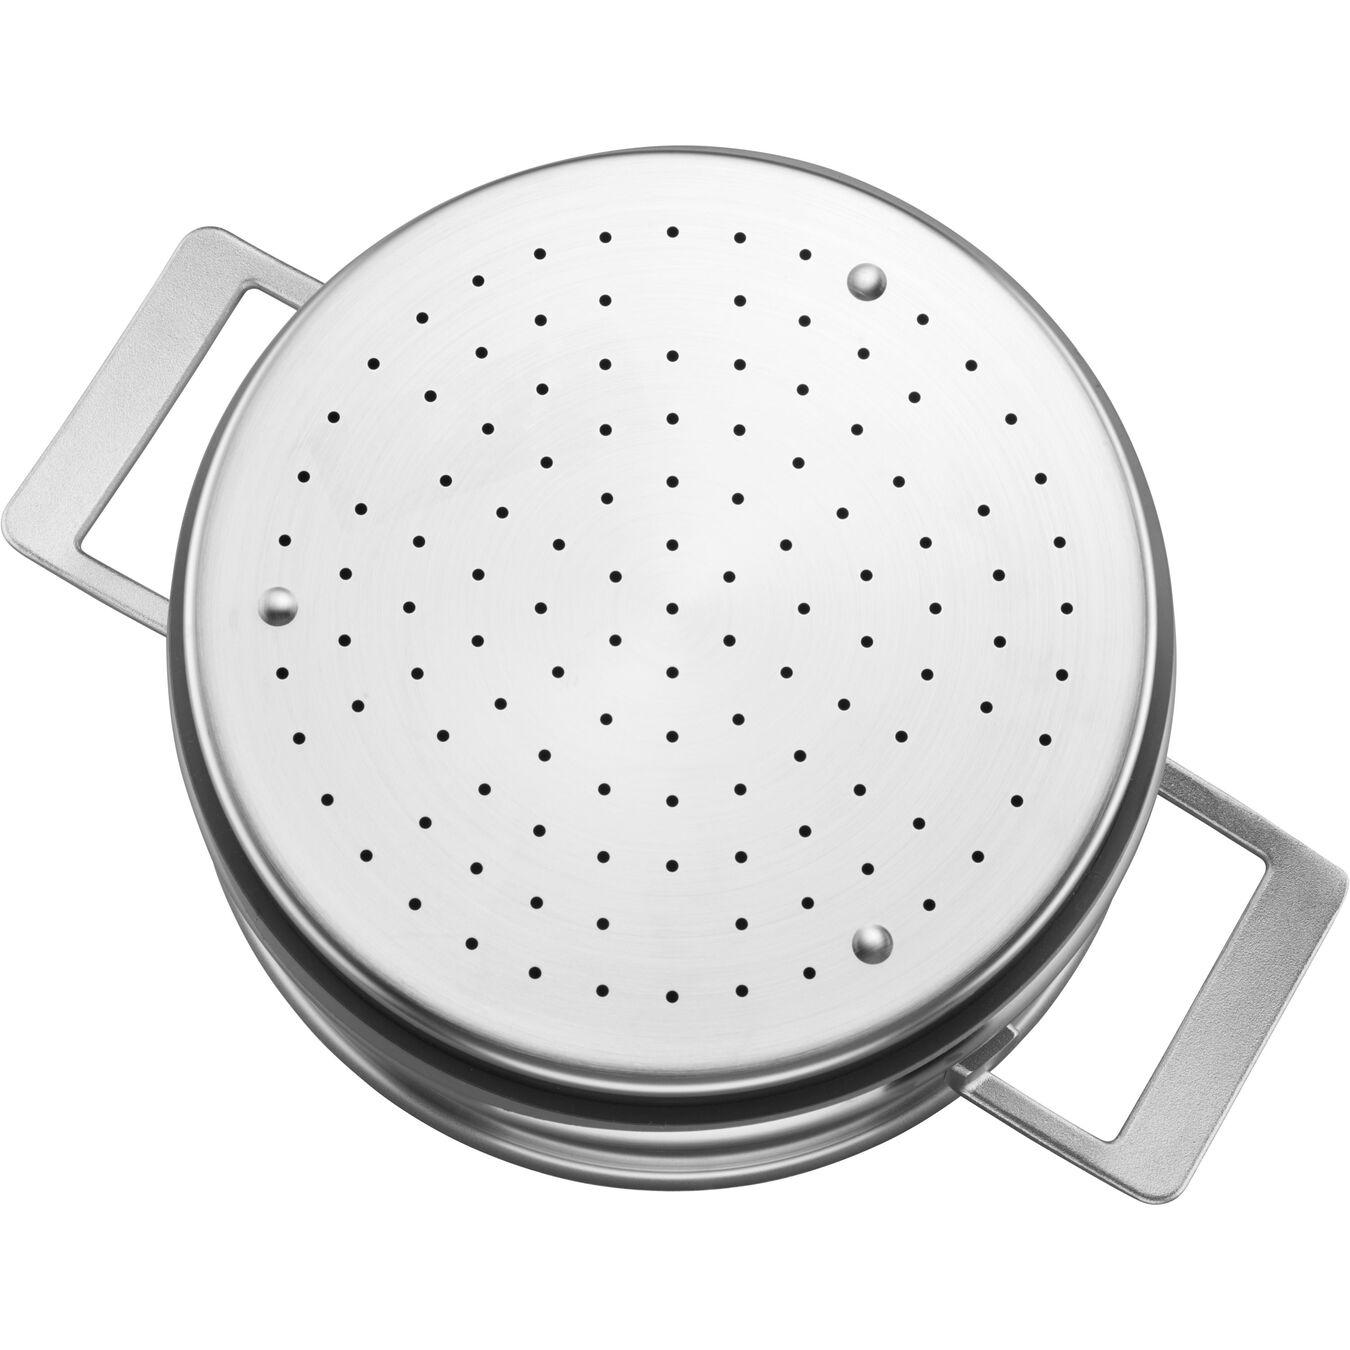 24 cm 18/10 Stainless Steel Insert pour casserole et poêle,,large 3